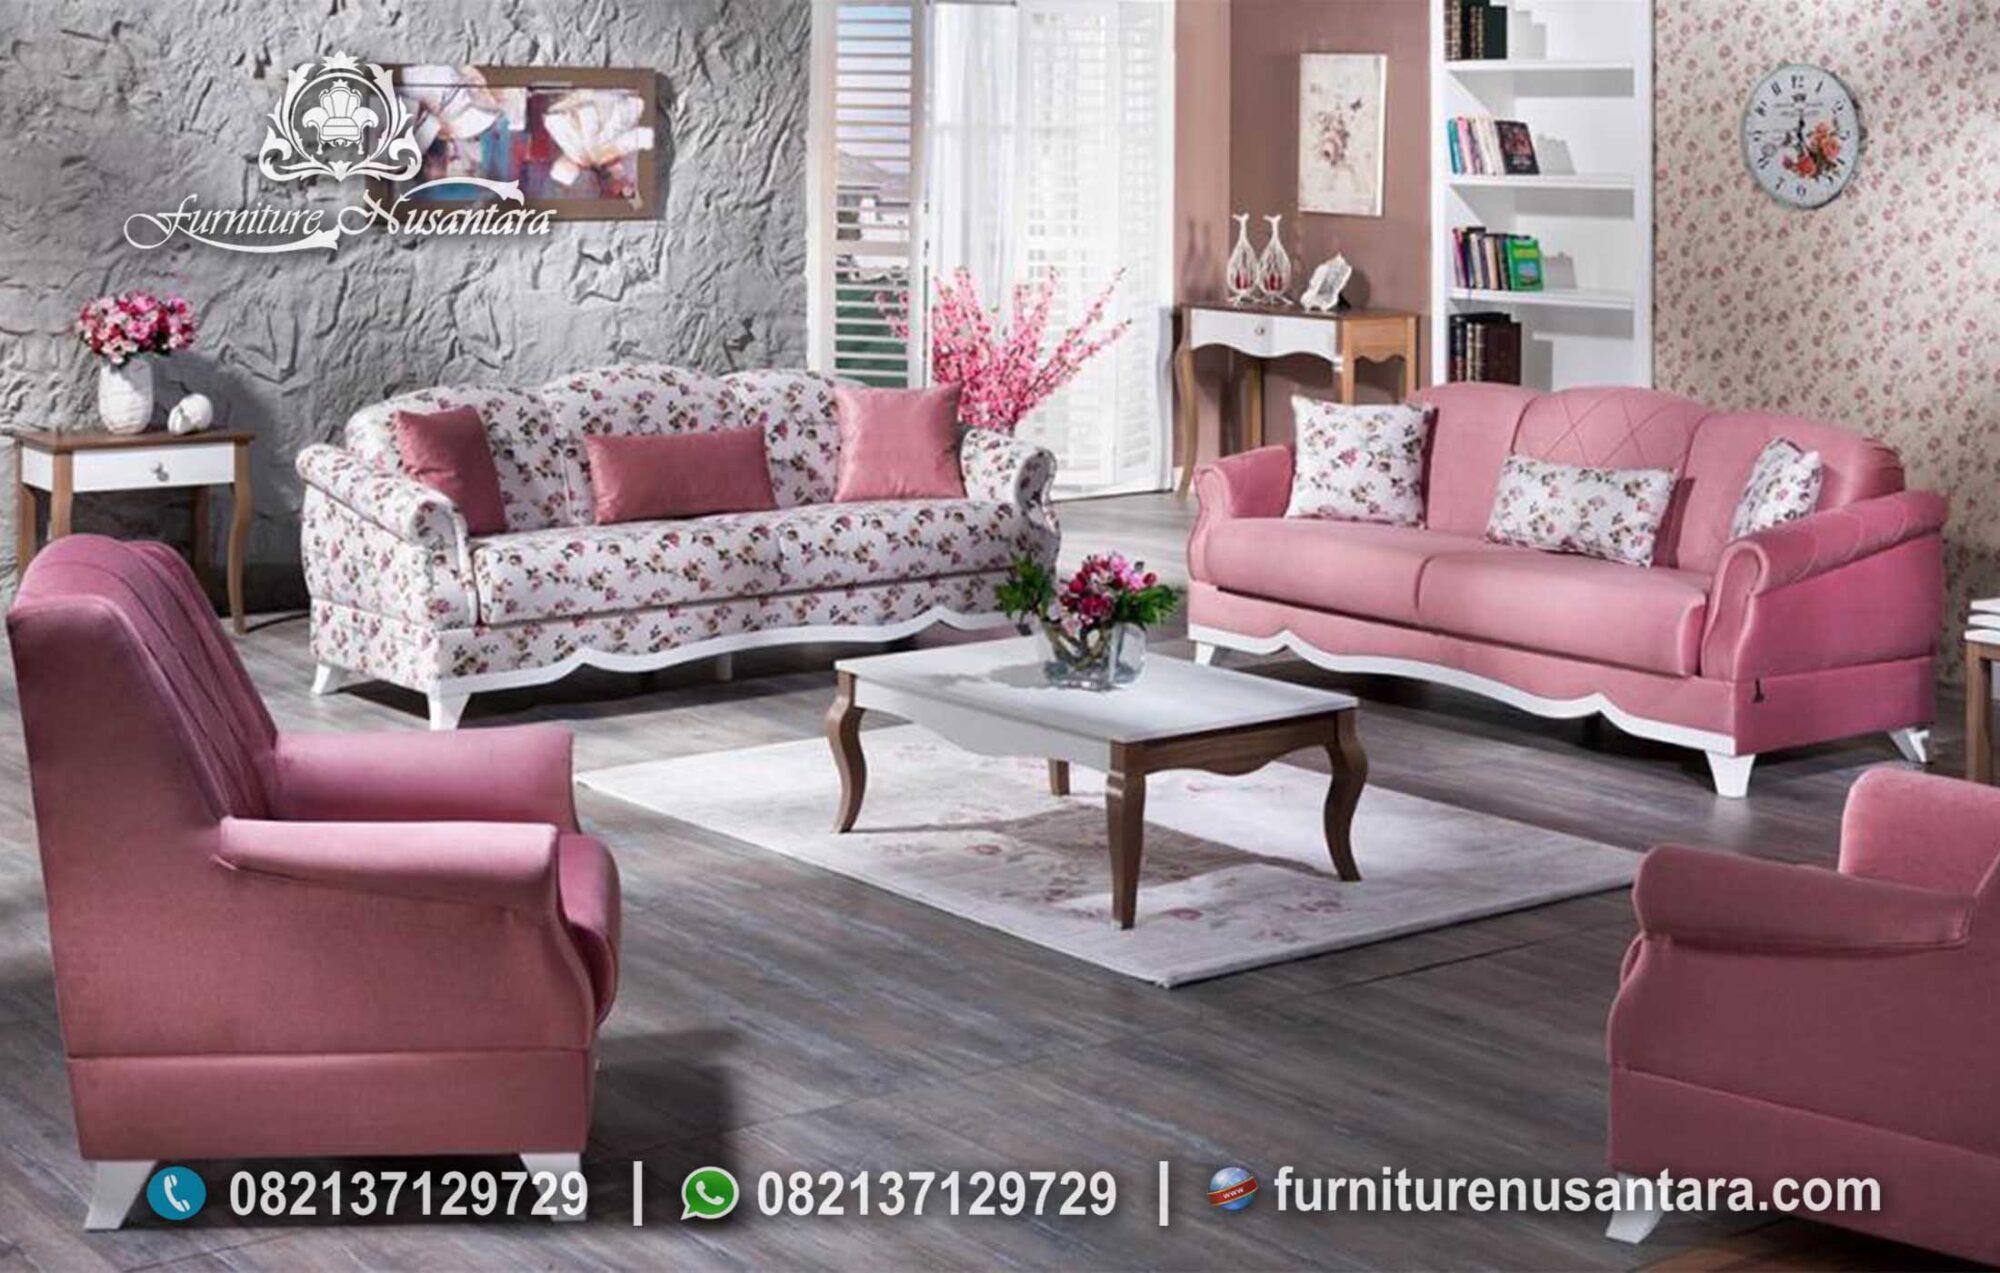 Sofa Minimalis Warna Pink Casual ST-40, Furniture Nusantara